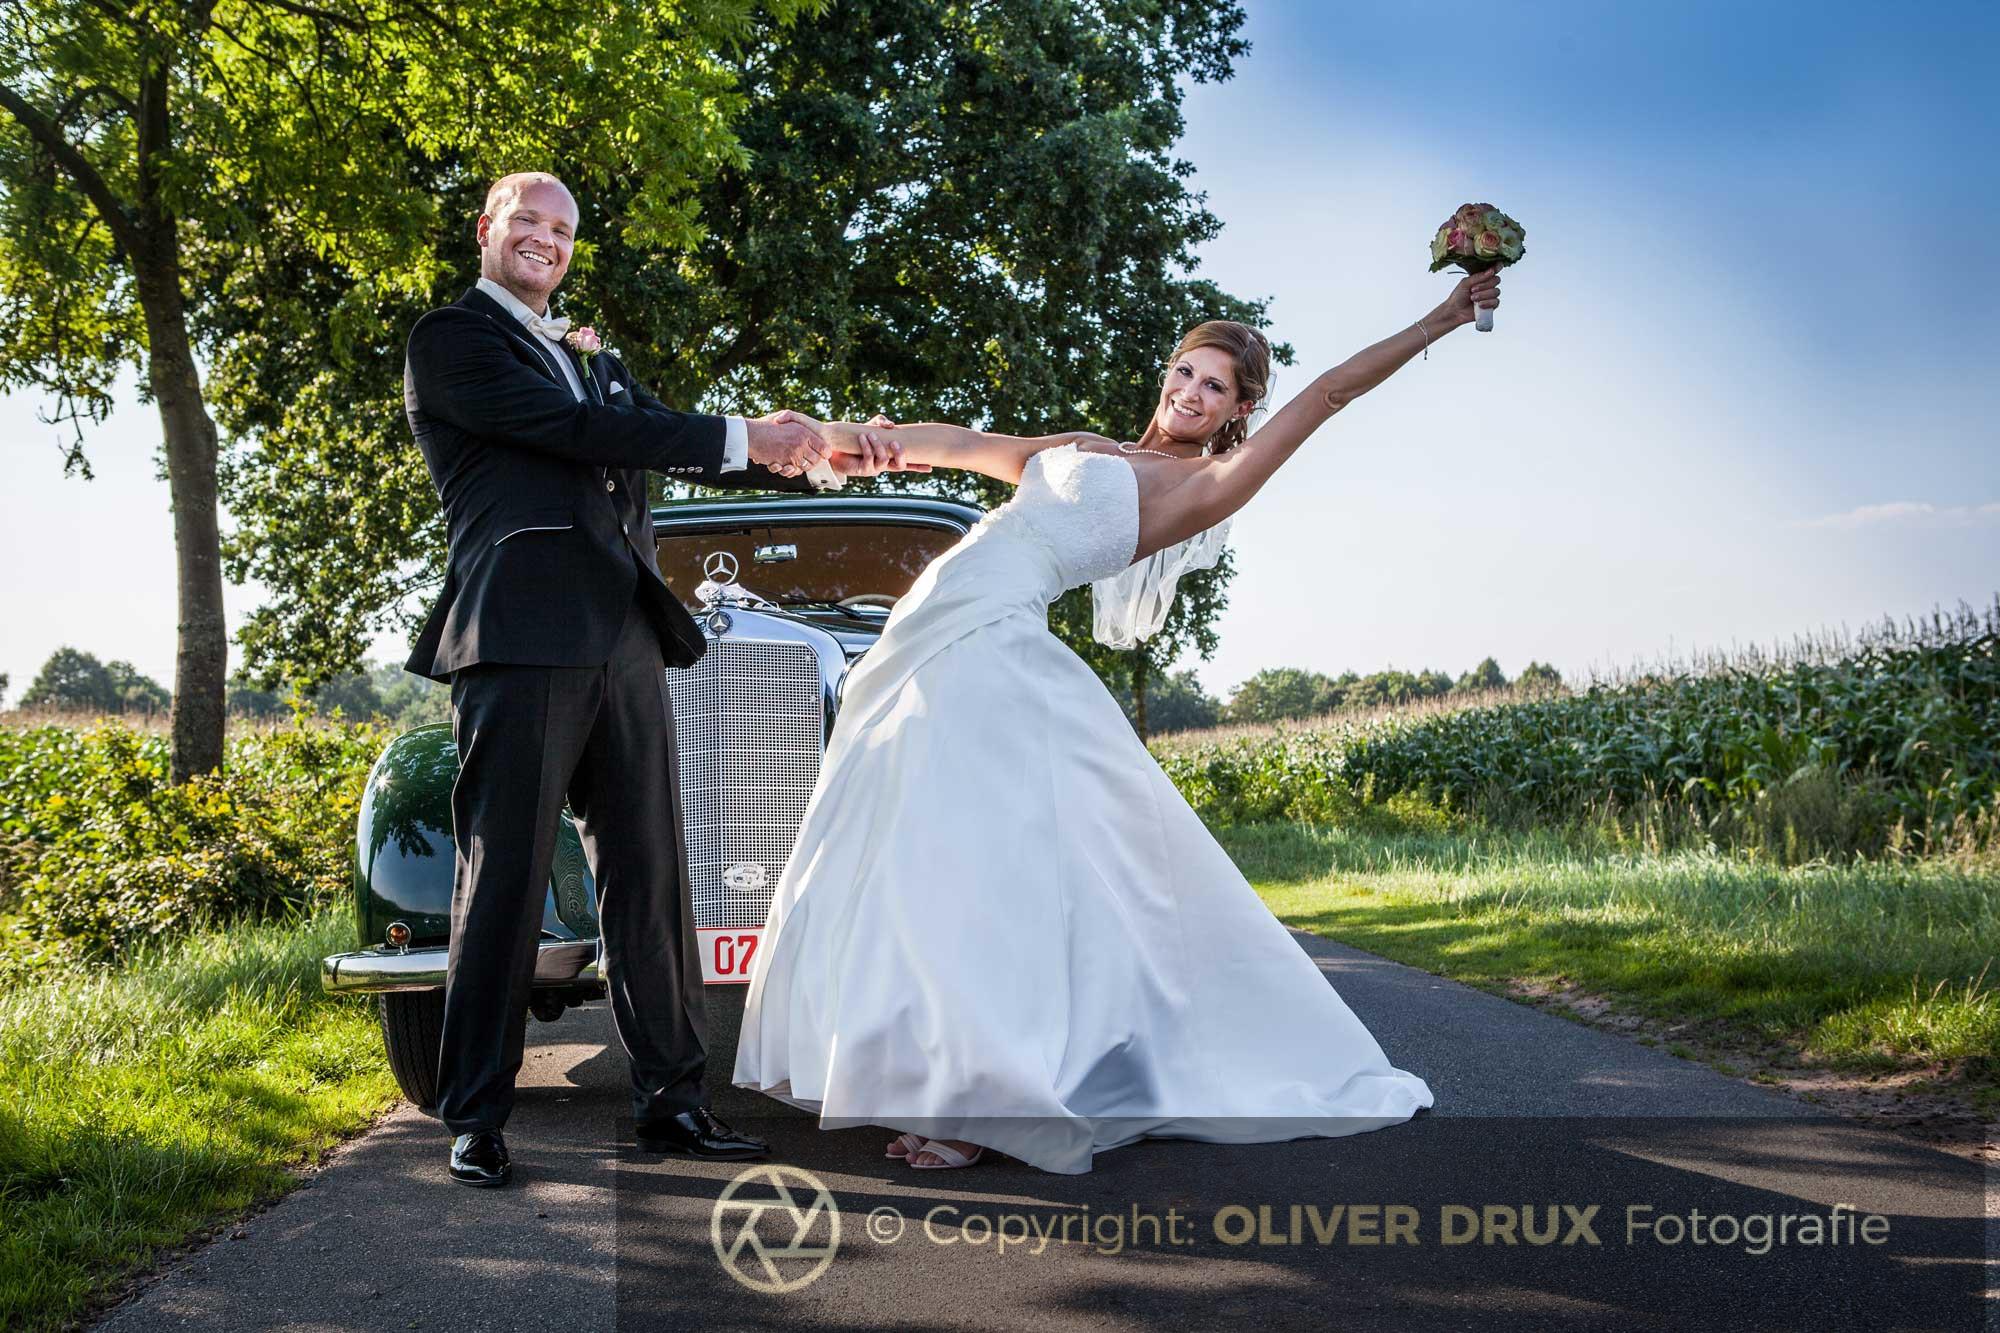 Hochzeitsshooting in der allee